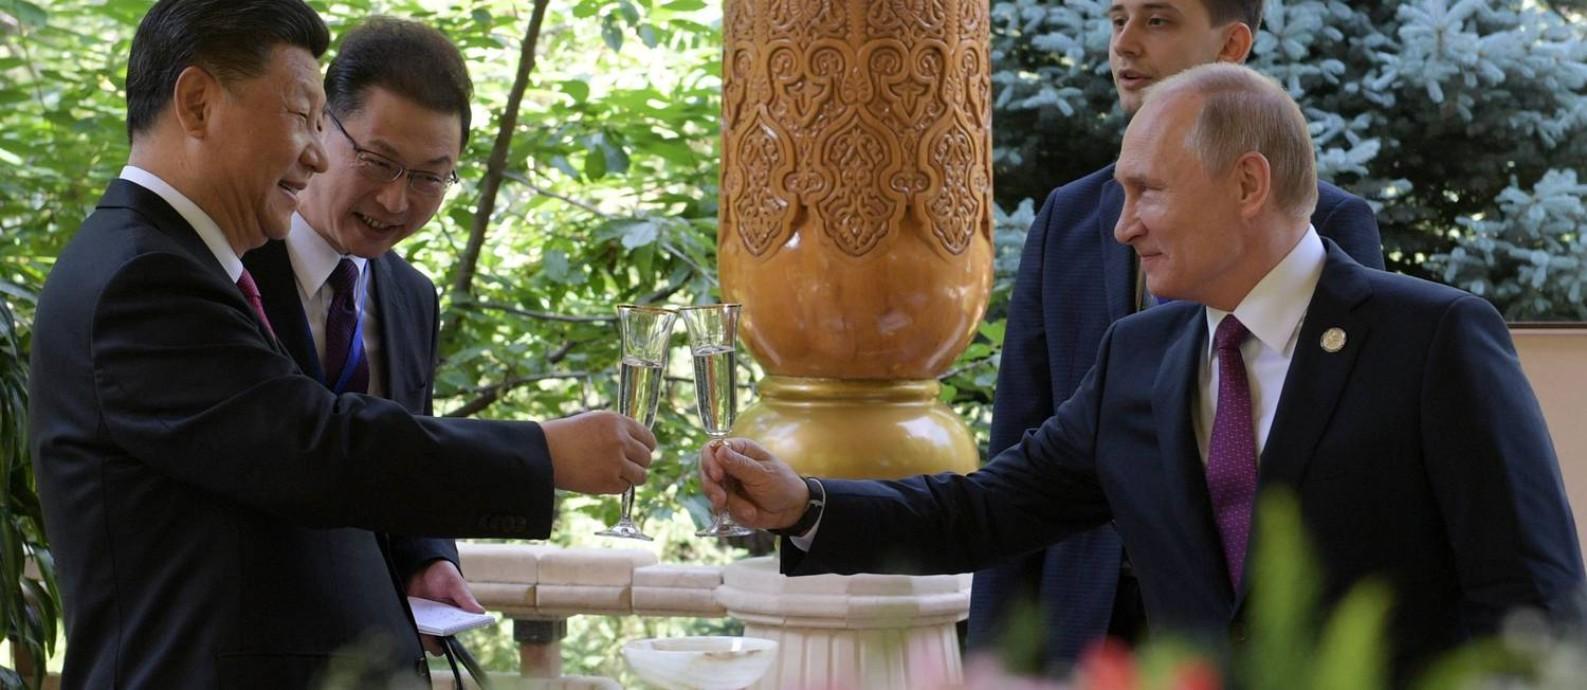 Os presidentes da China, Xi Jinping, e da Rússia, Vladimir Putin, se encontram no Tadjiquistão, naquele que foi a 31º reunião entre os dois desde 2013. Os dois são aliados de primeira hora, mas países têm suas diferenças políticas e econômicas Foto: ALEXEI DRUZHININ / AFP